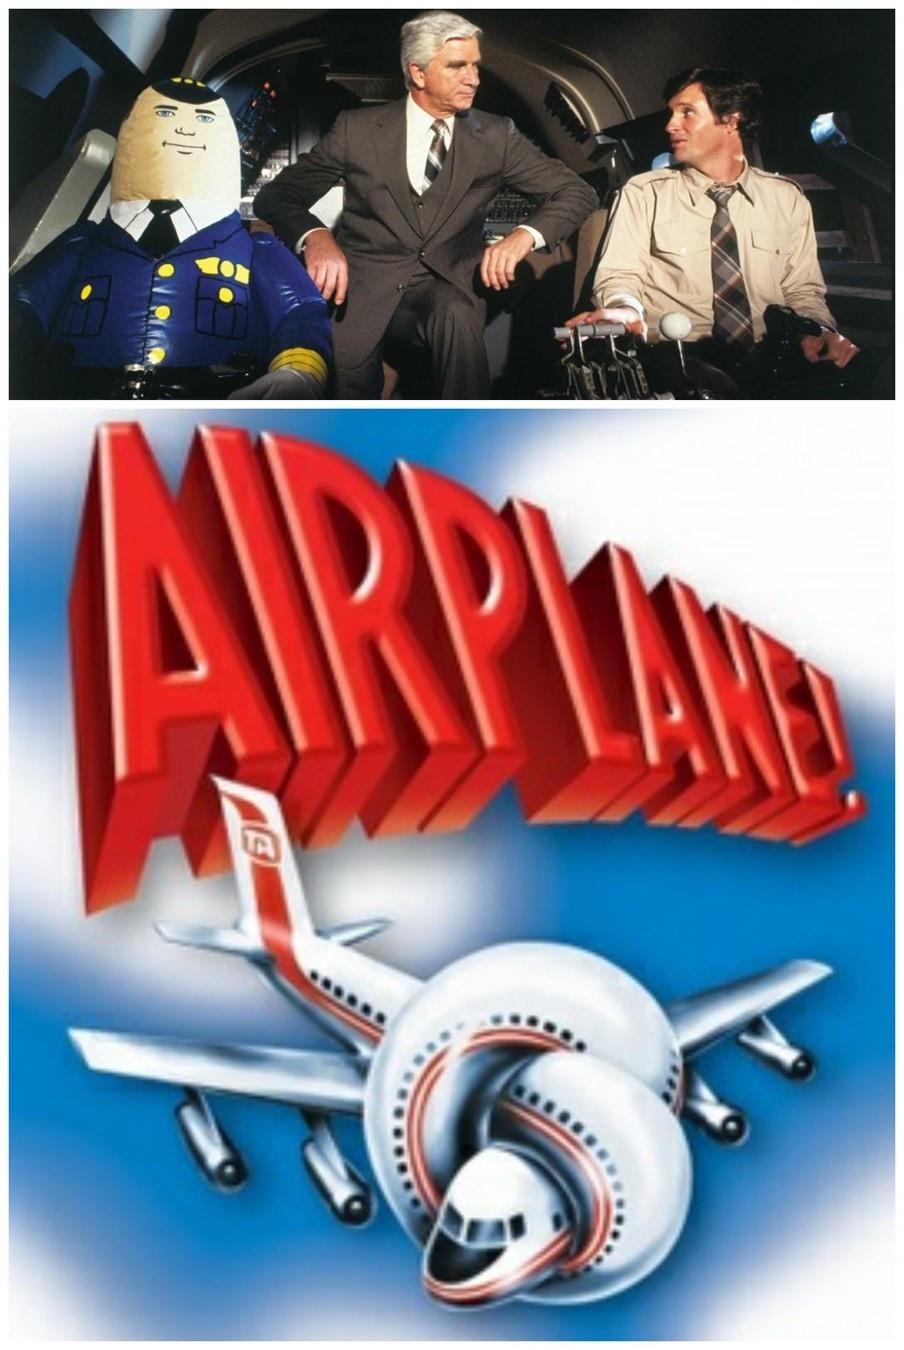 6- فیلم هواپیما (Airplane)